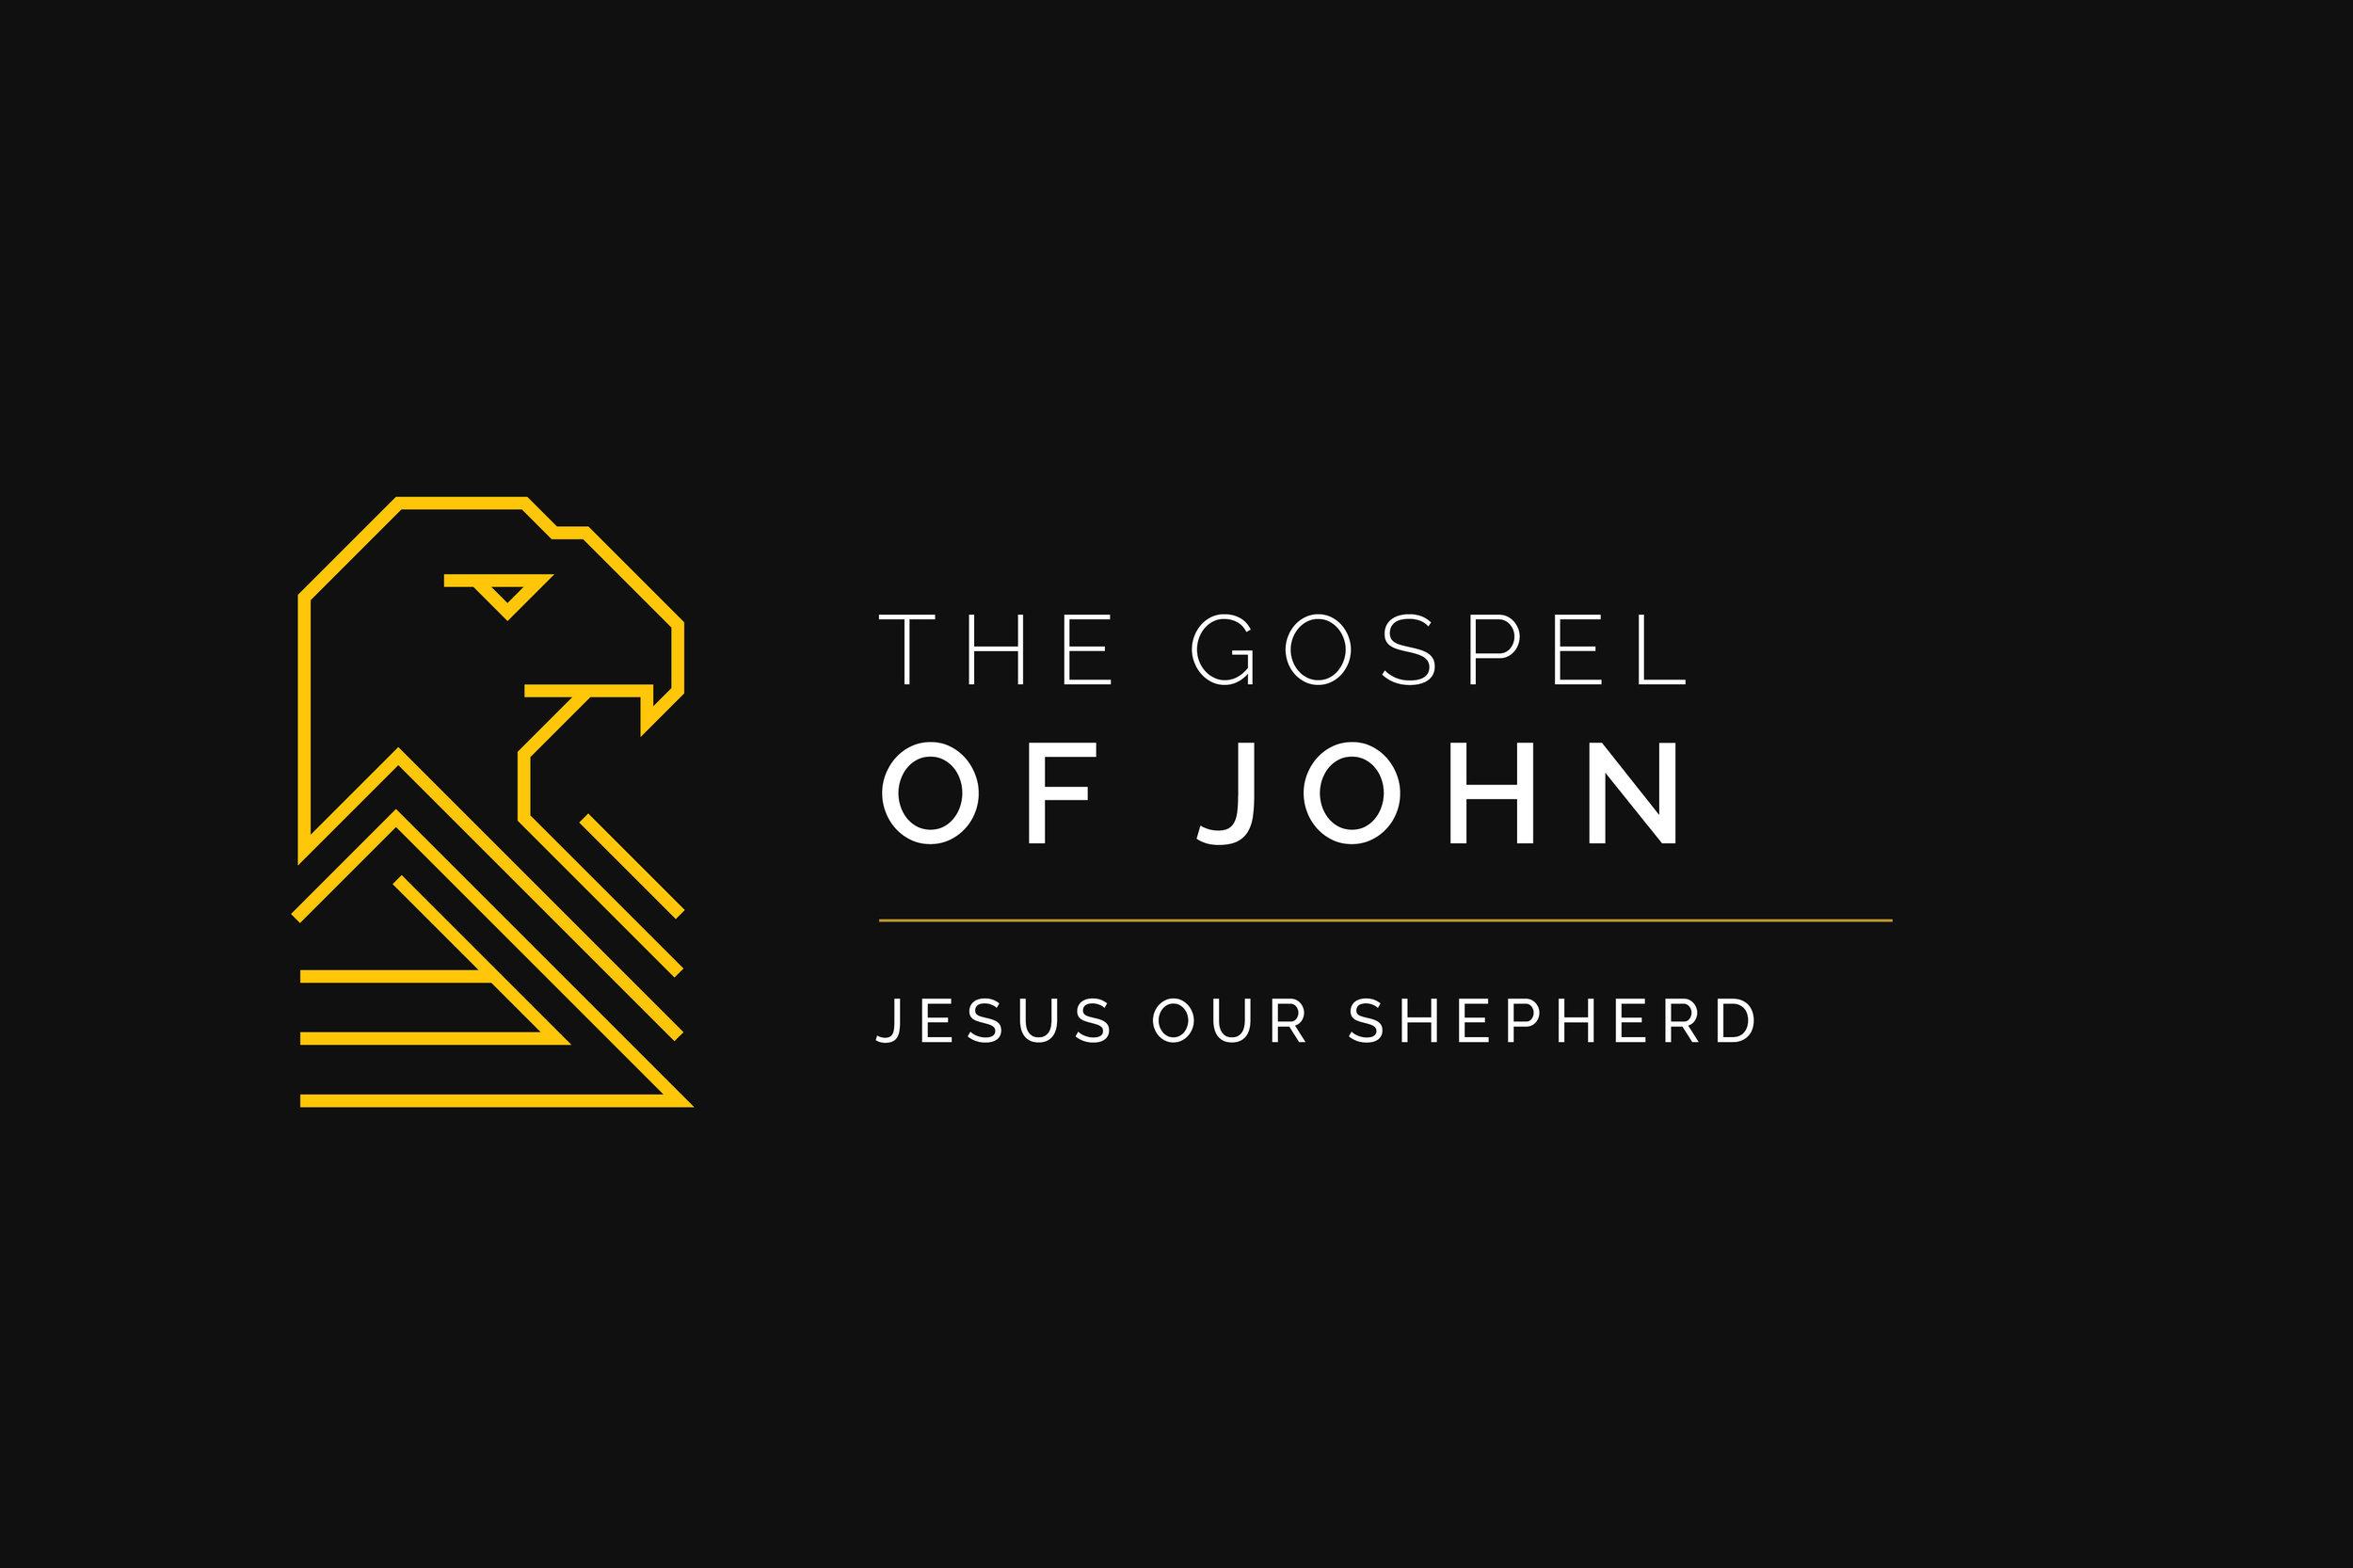 The-Gospel-of-John--Jesus-Our-Shepherd.jpg